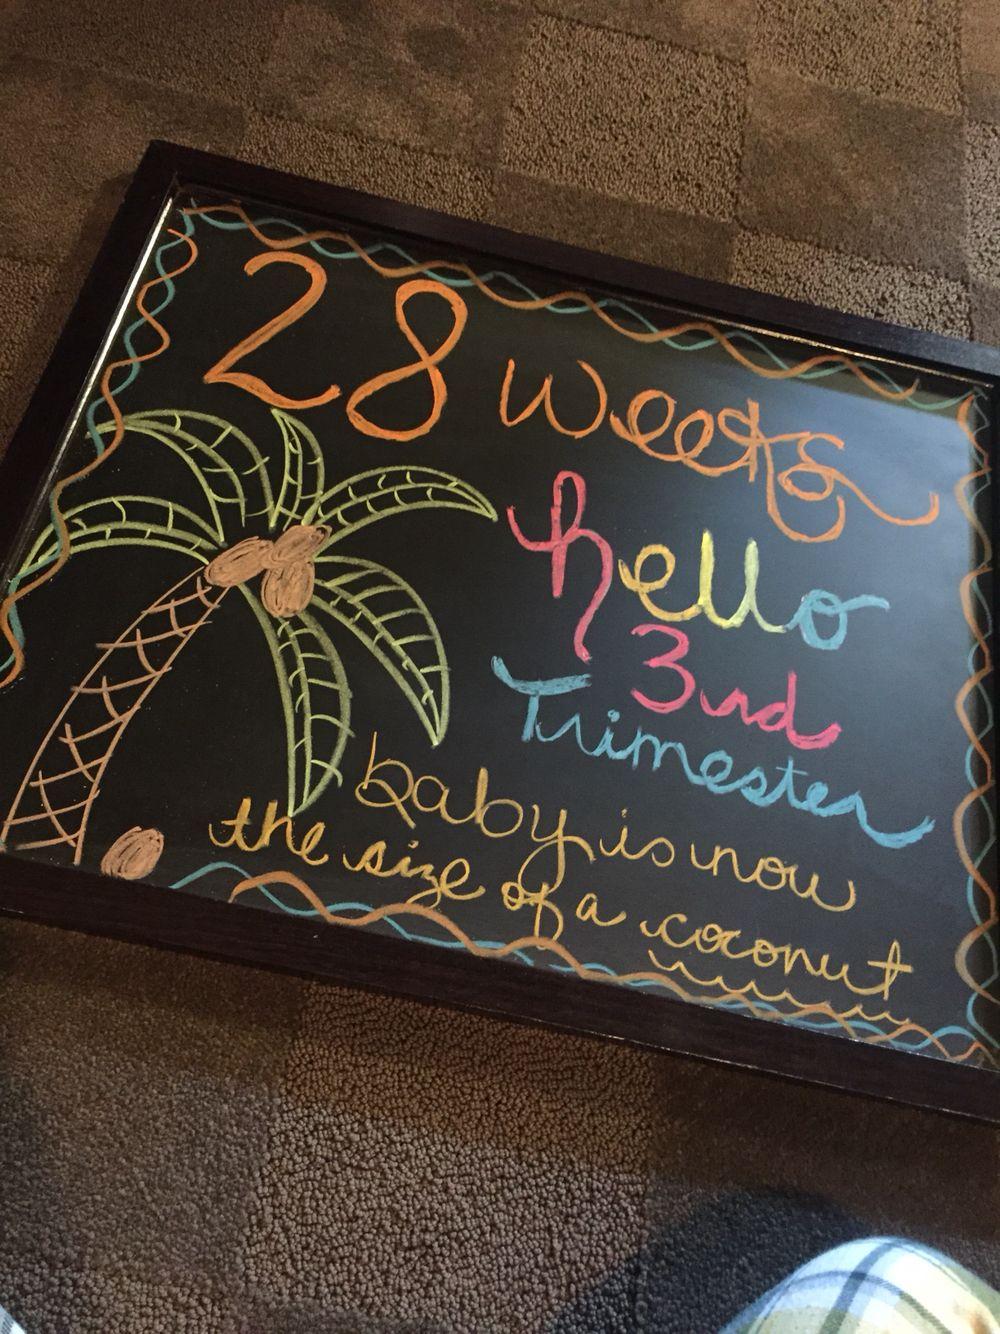 28 Weeks Pregnancy Chalkboard (3rd Trimester- Coconut)